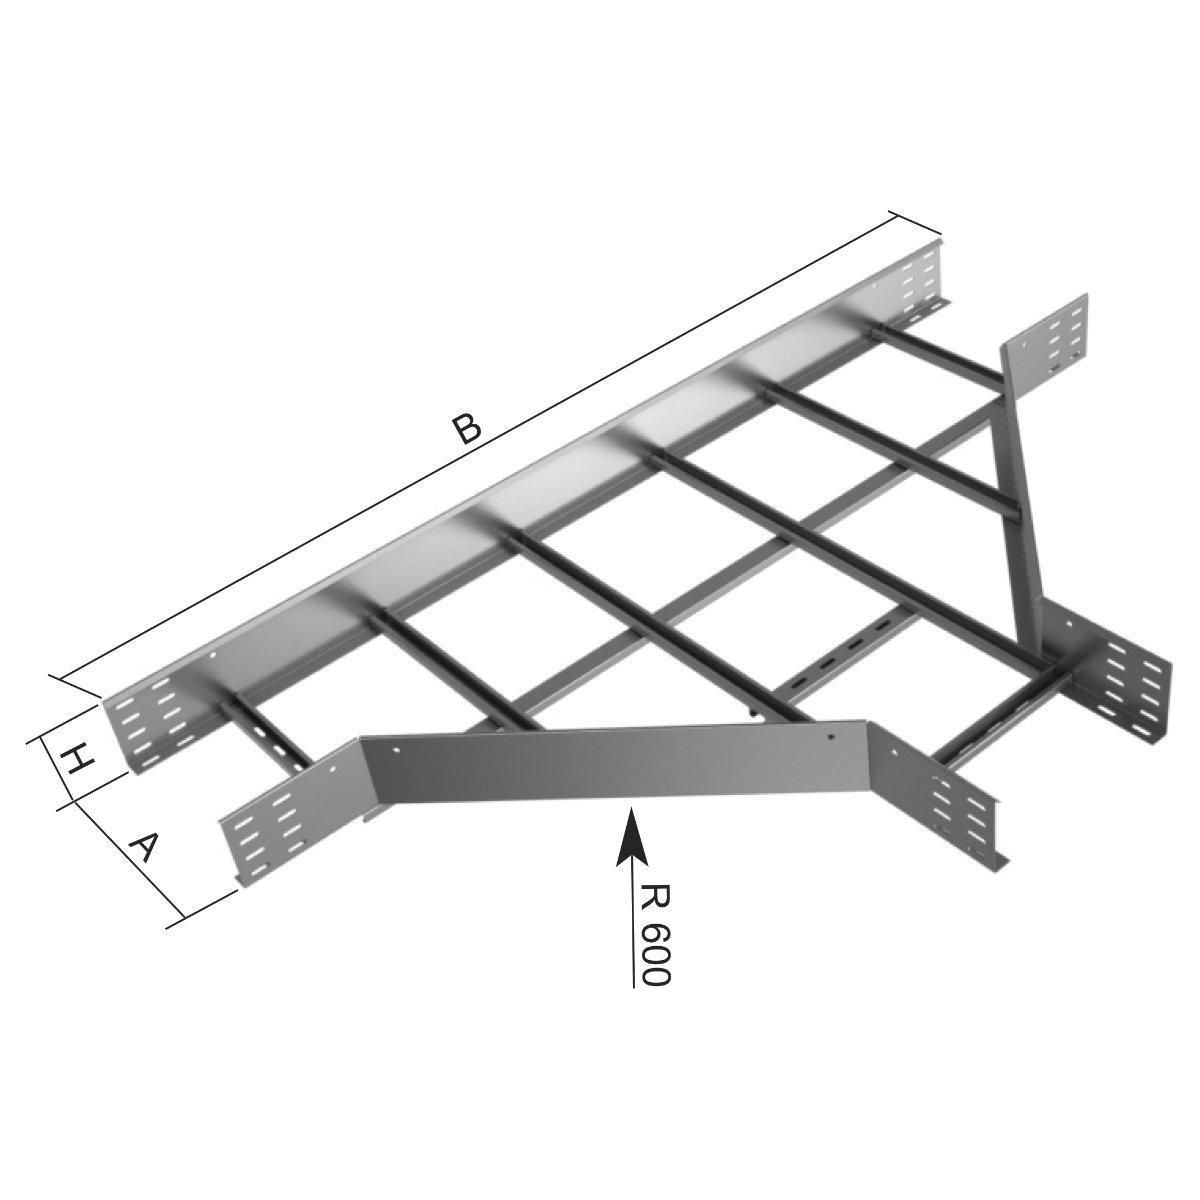 Відгалужувач горизонтальний Т-подібний на лоток драбинного типу KOPOS; розміри-85x600x1800mm Товщ. метал- Вага-кг/м